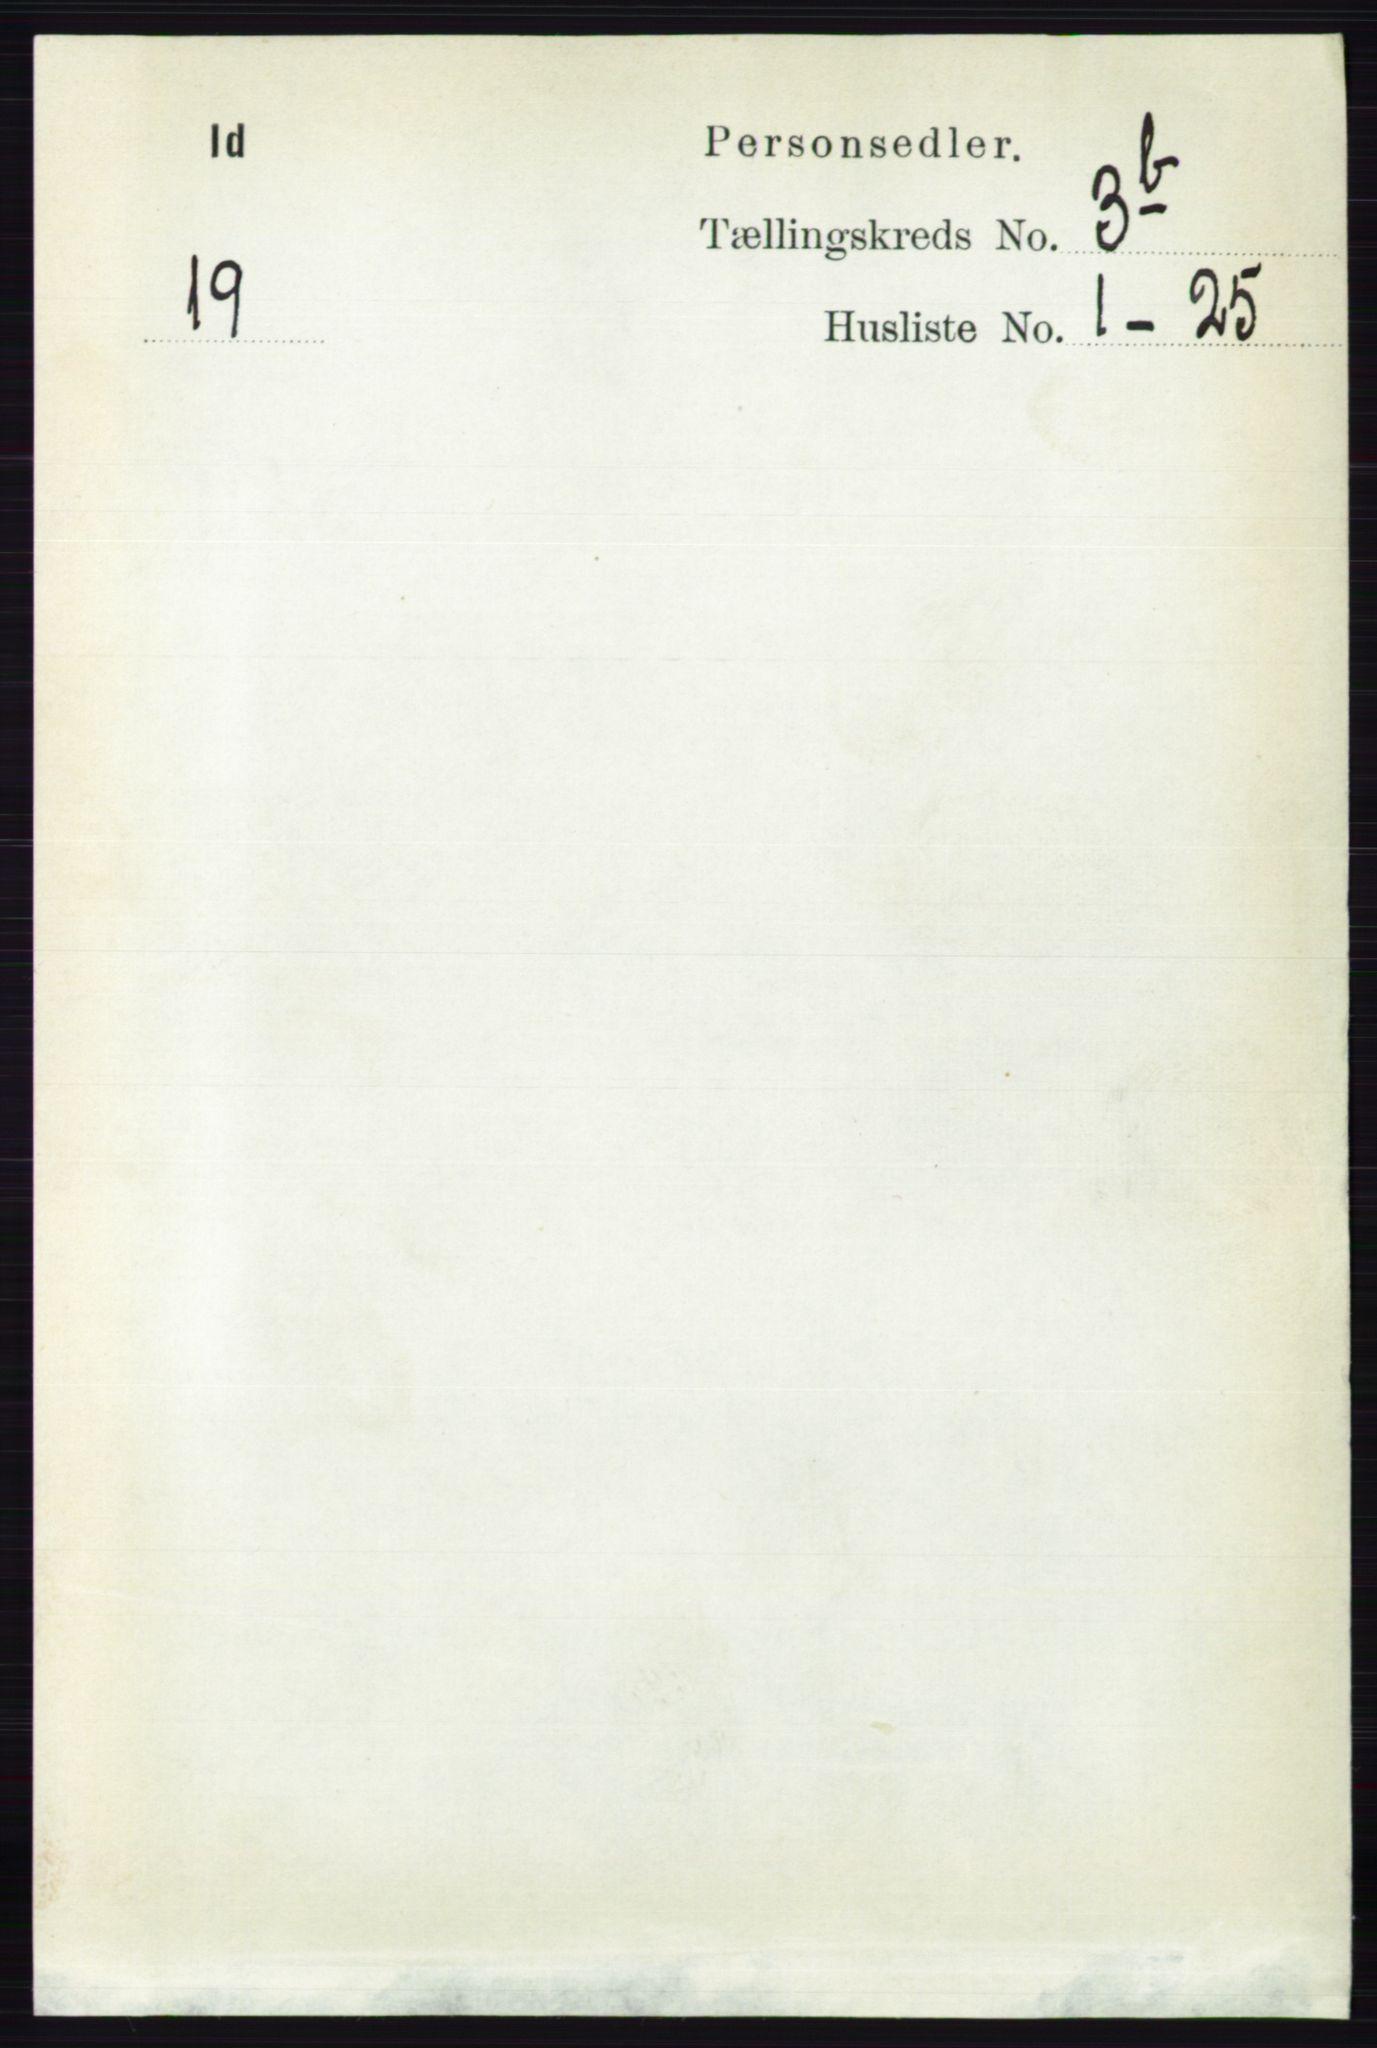 RA, Folketelling 1891 for 0117 Idd herred, 1891, s. 2653